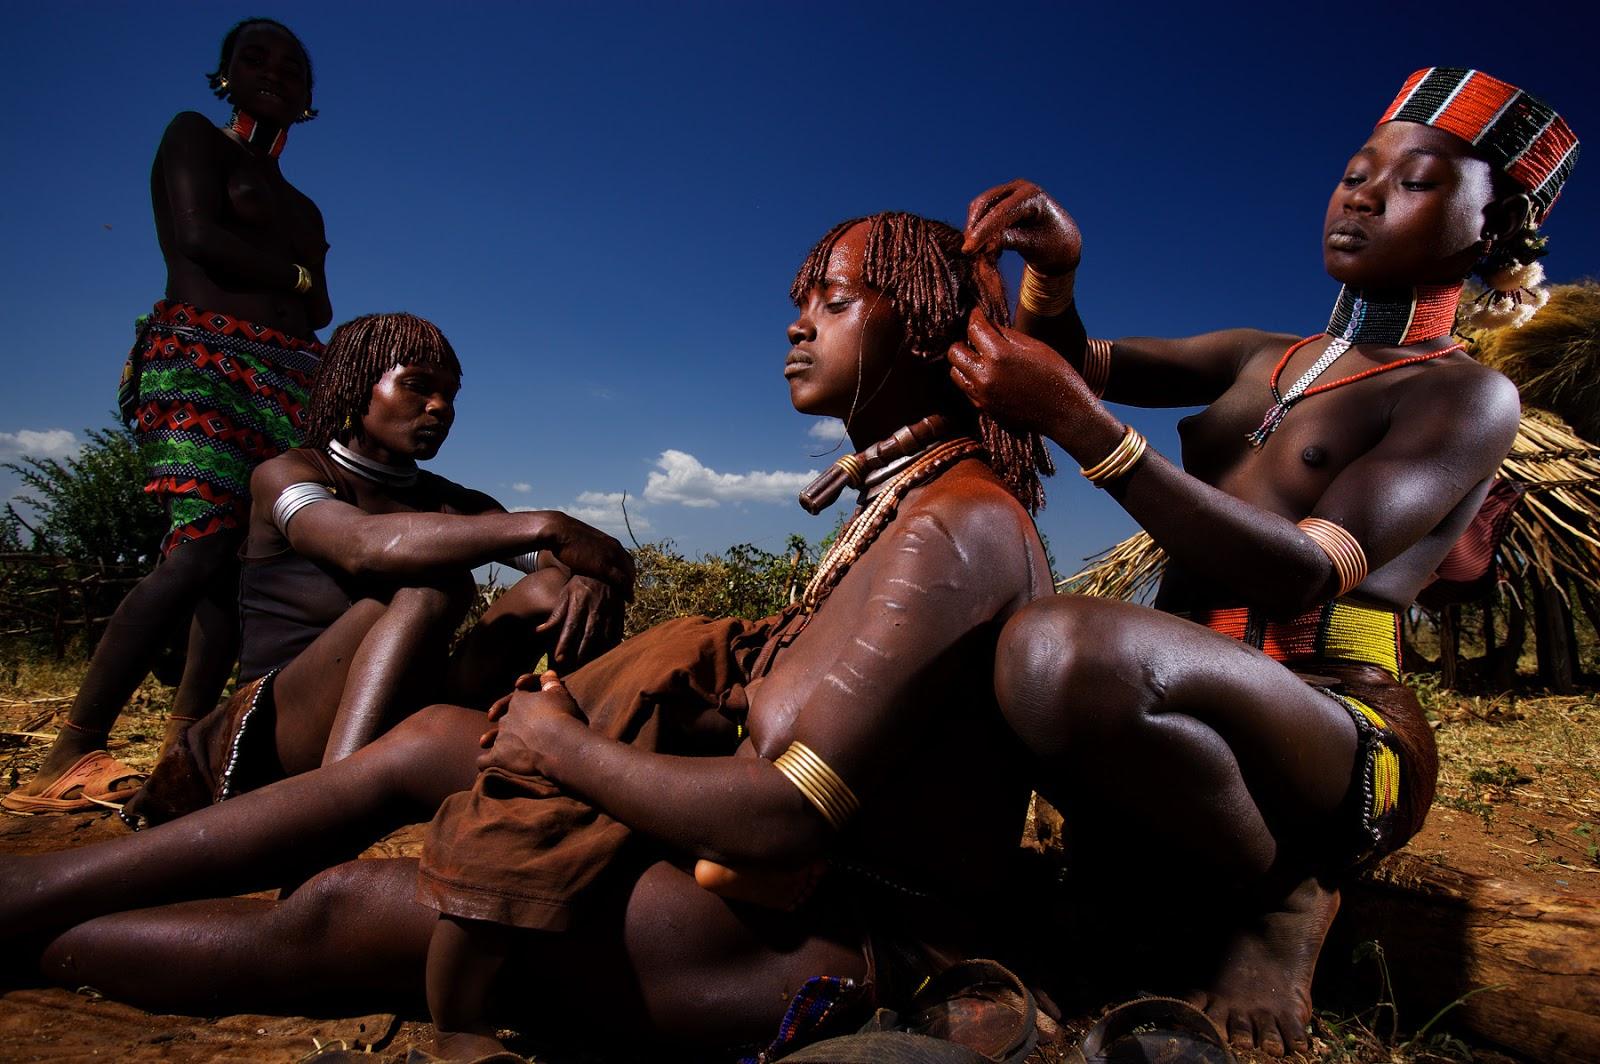 Трах смотреть эротические фильмы эфиопии